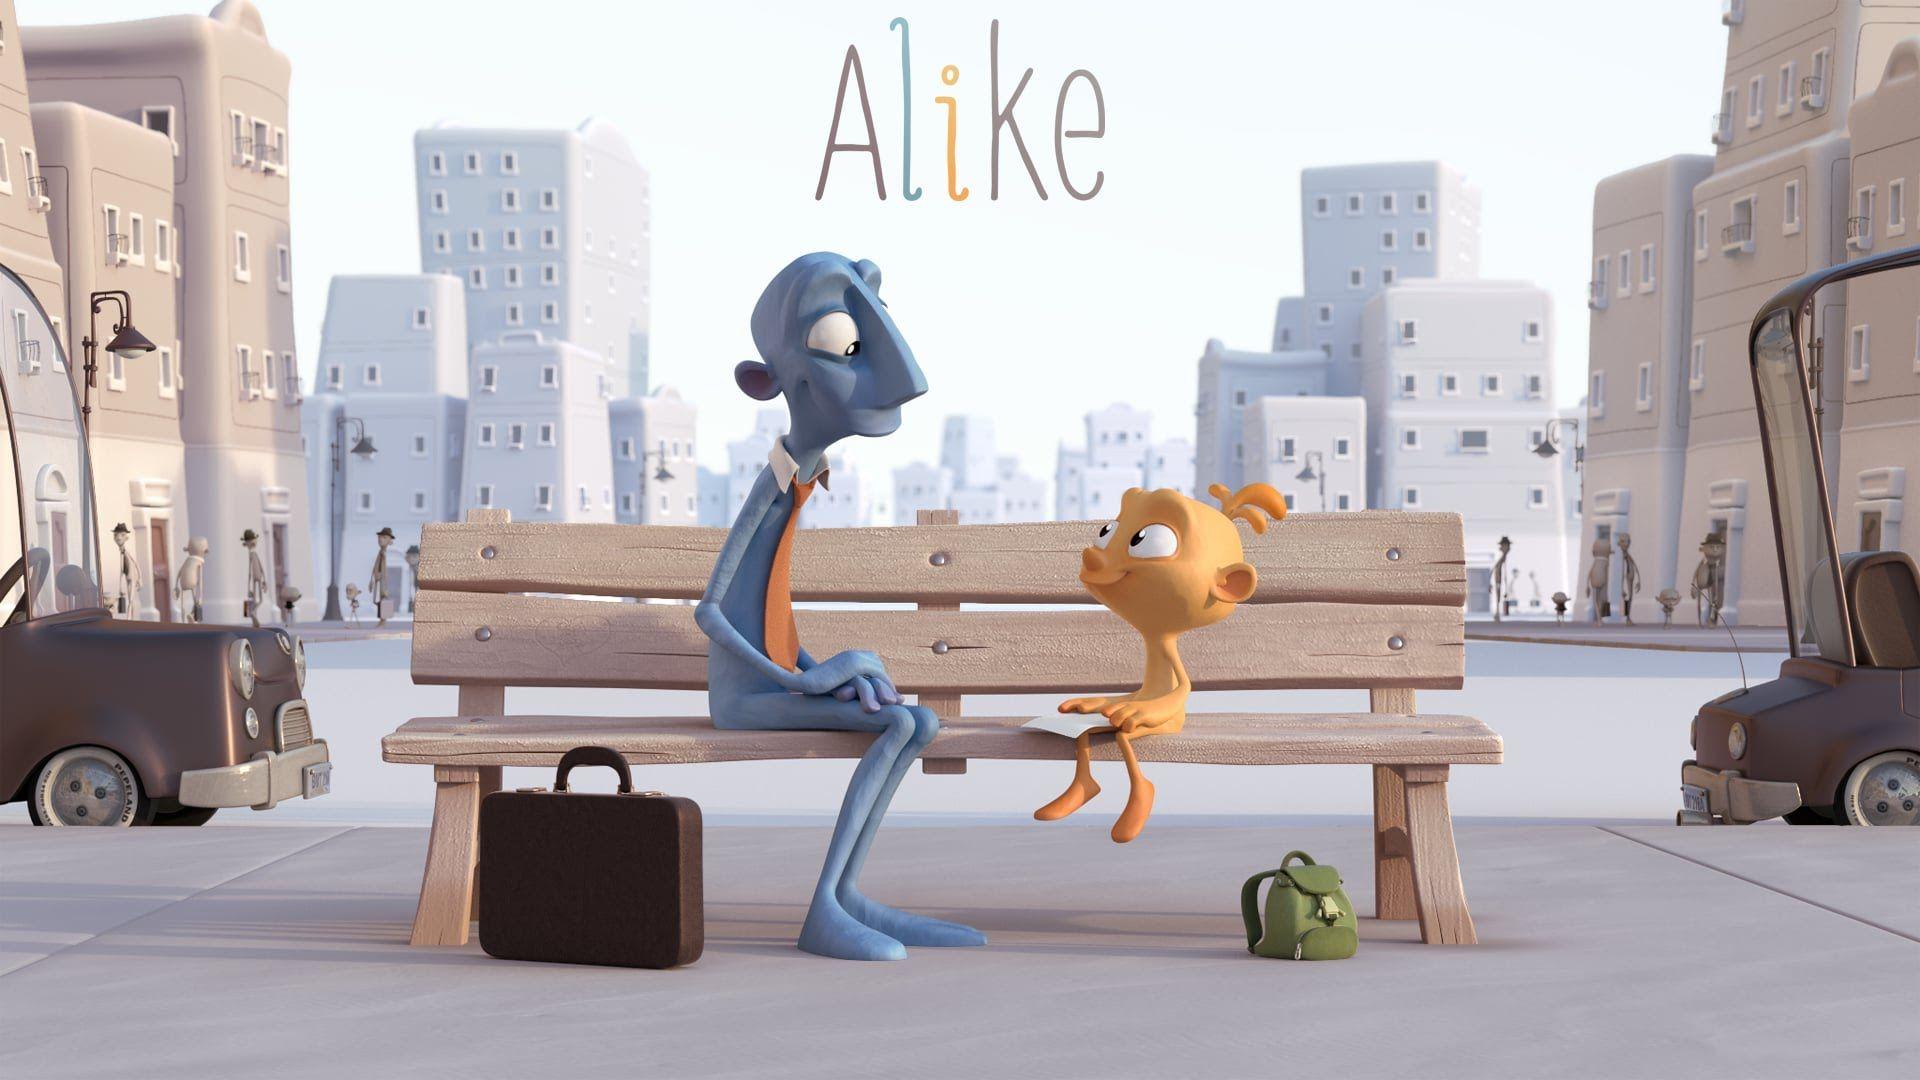 [Curta Animado] Alike - Como a sociedade mata nossa criatividade e imaginação